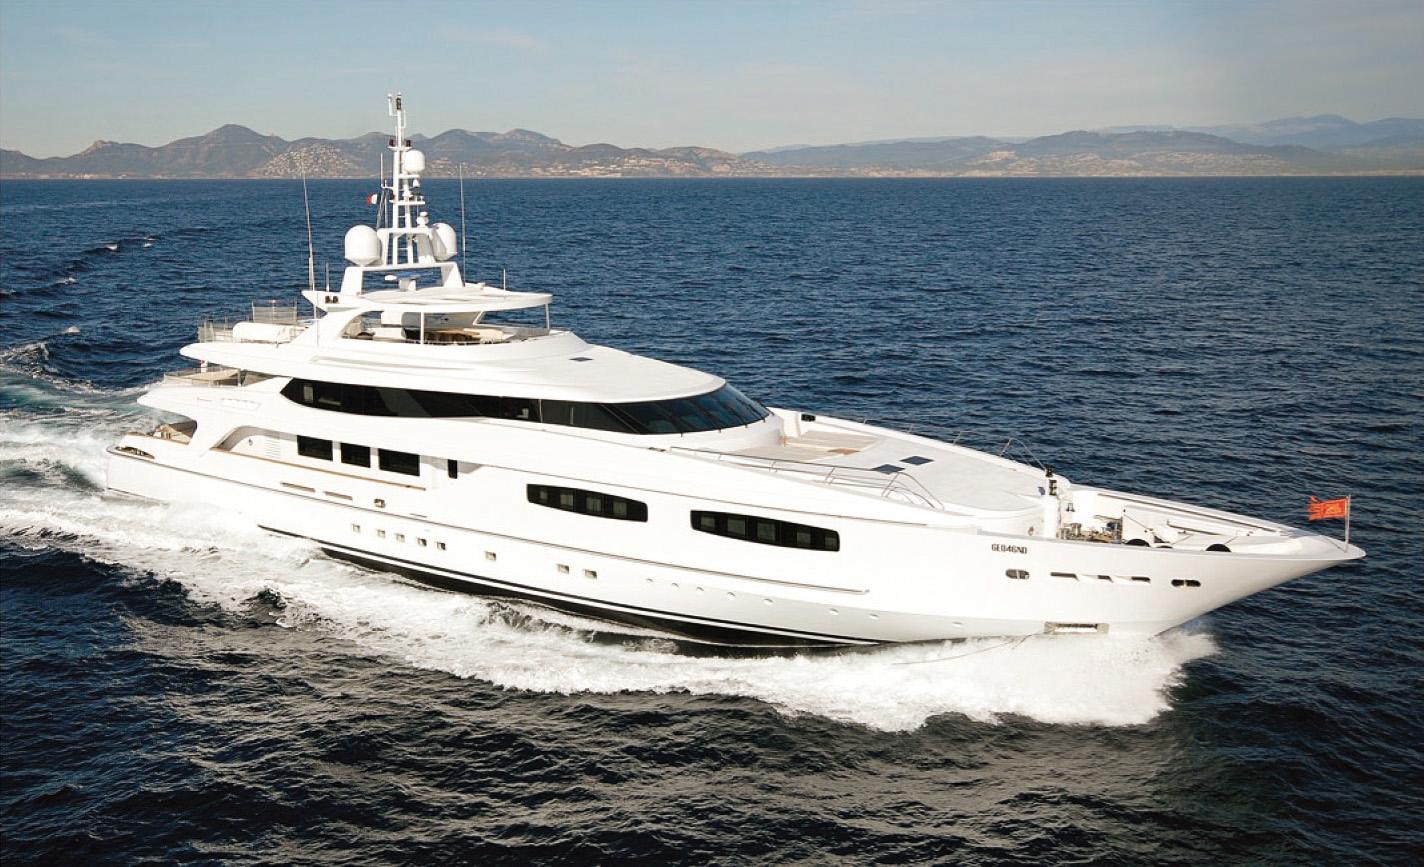 gitana 54 superyacht interior and exterior design photo shoot by a drone